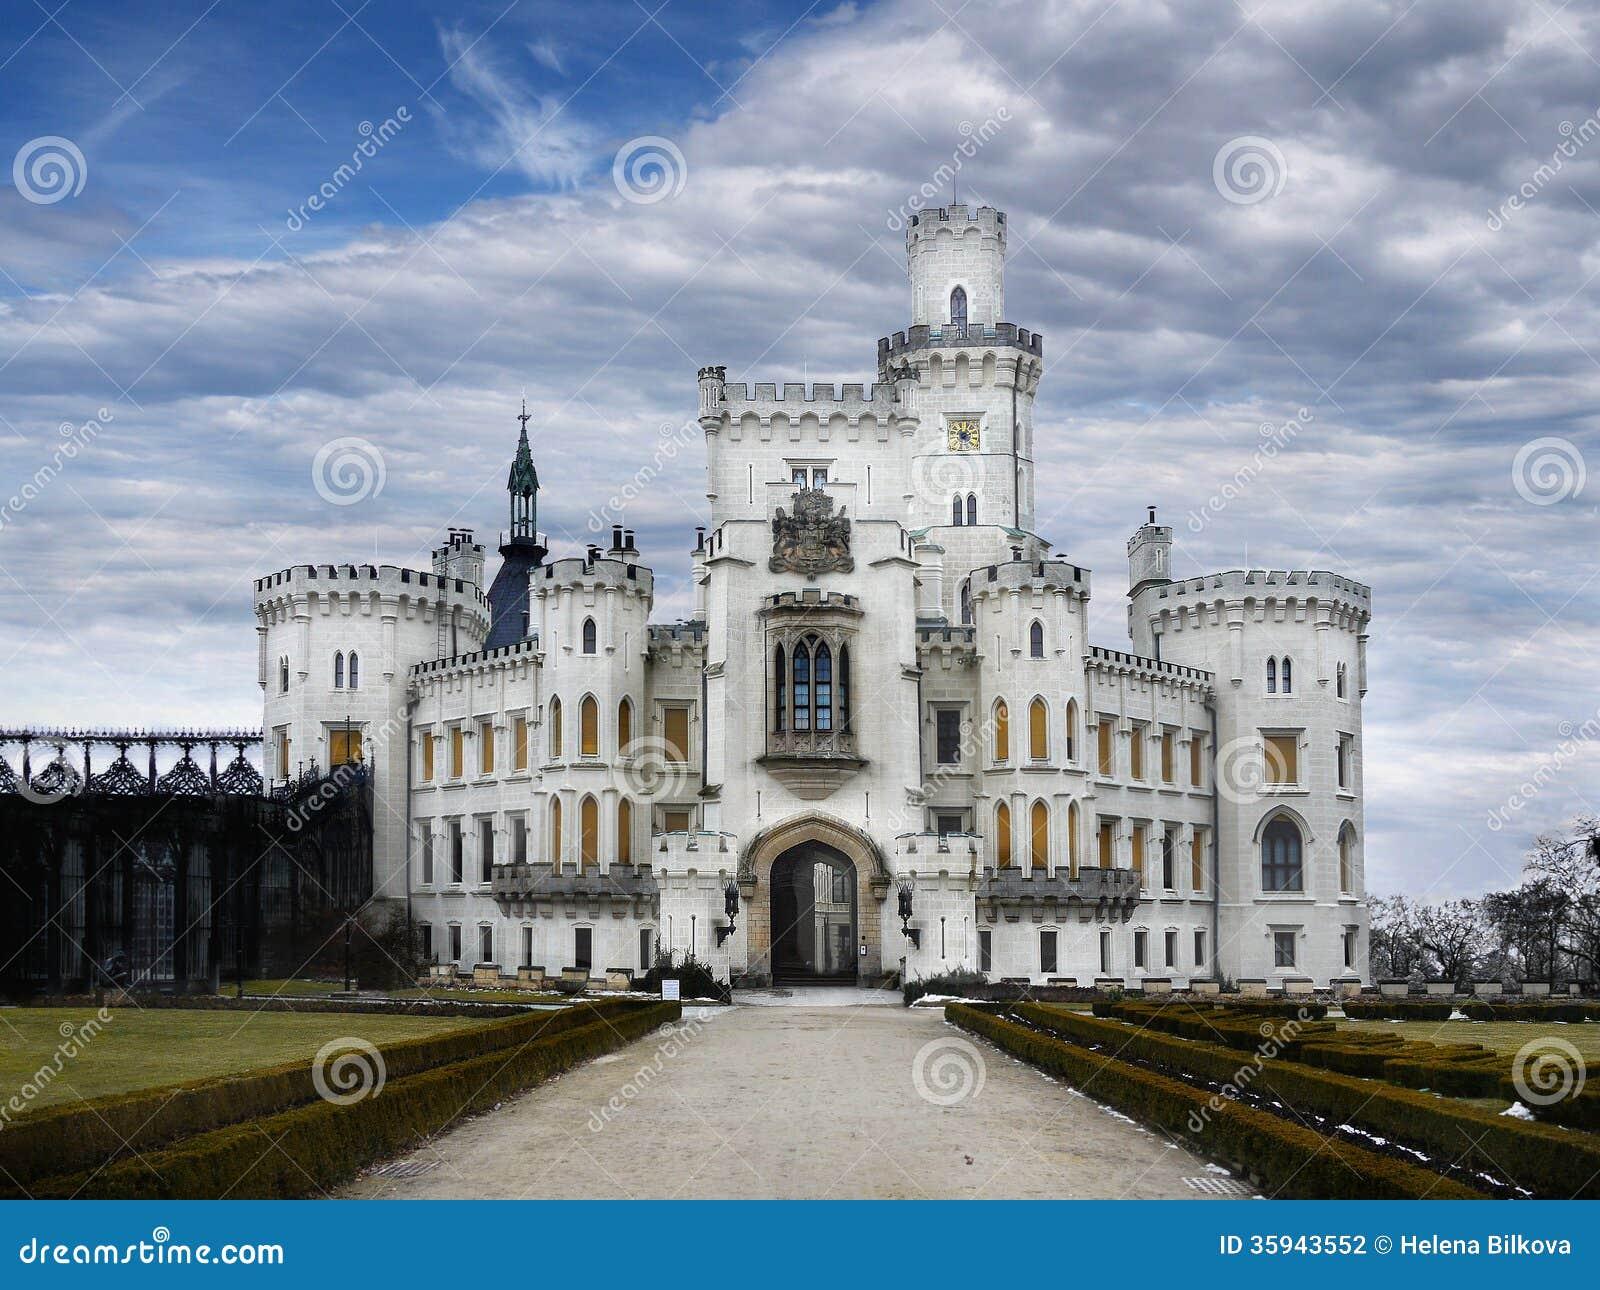 Castle Hluboka Landmark Fairytale Exterior Stock ...